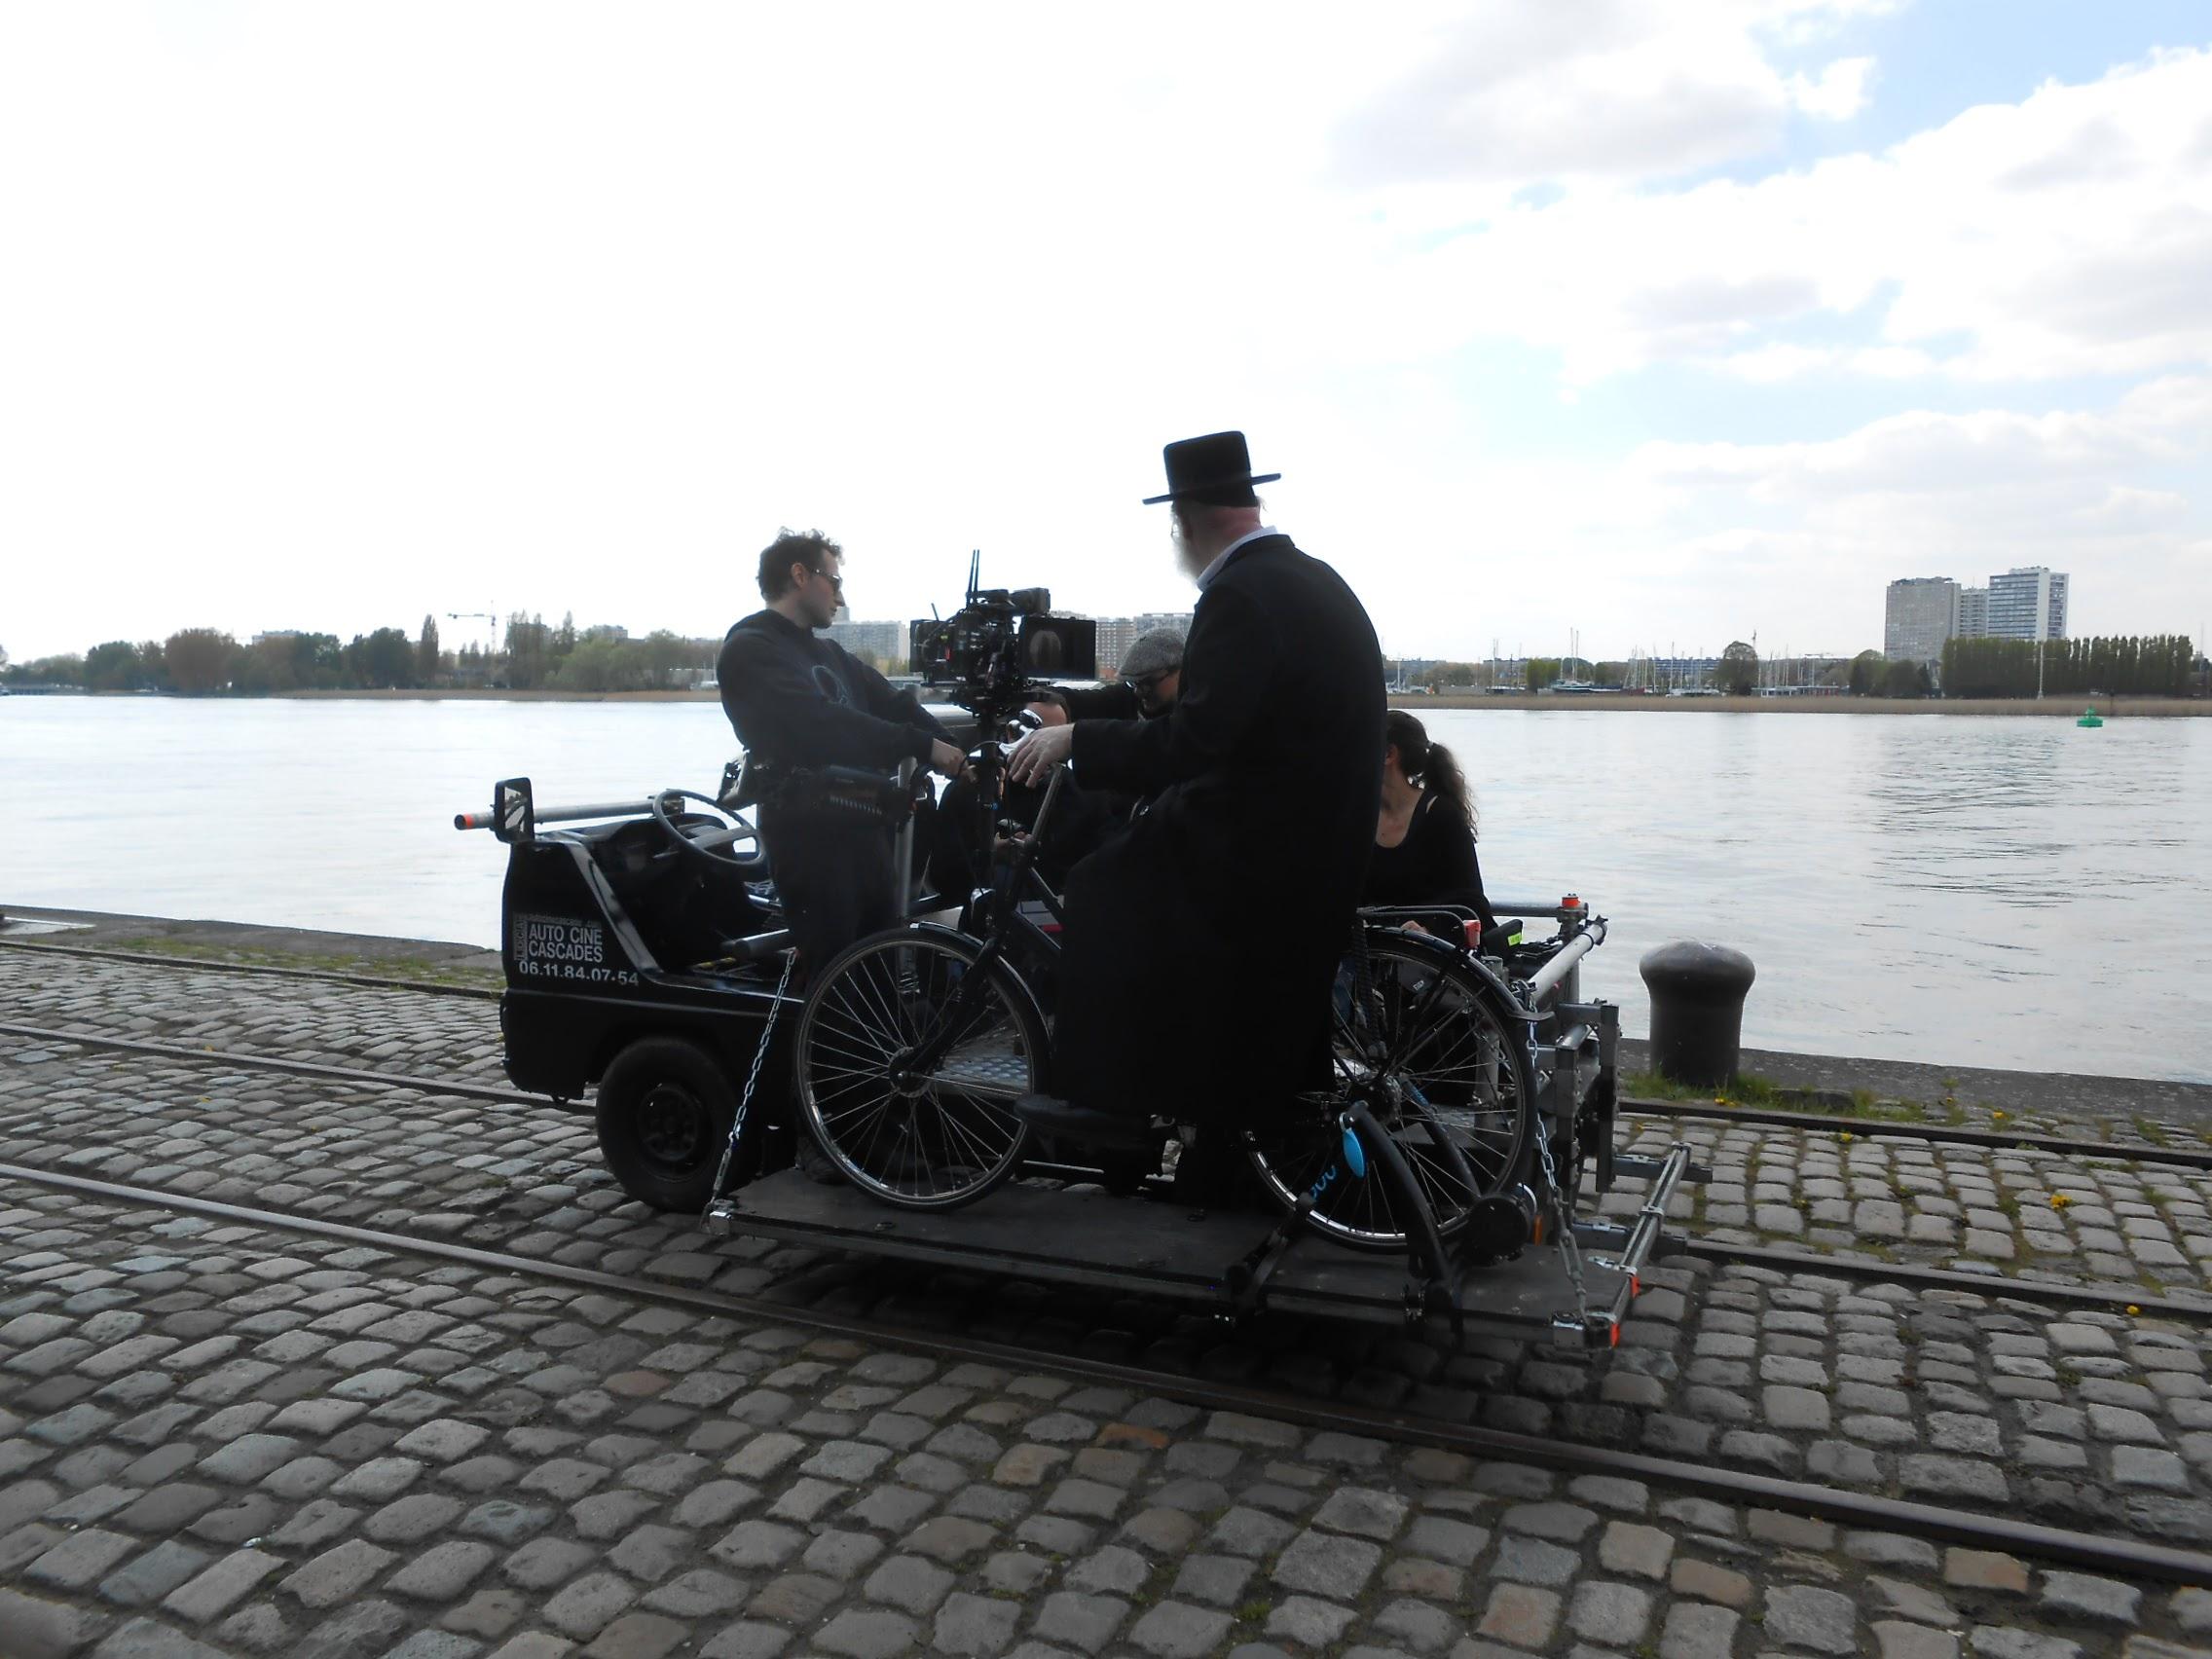 tournage-docu-fiction-anvers-alexis-veller-12